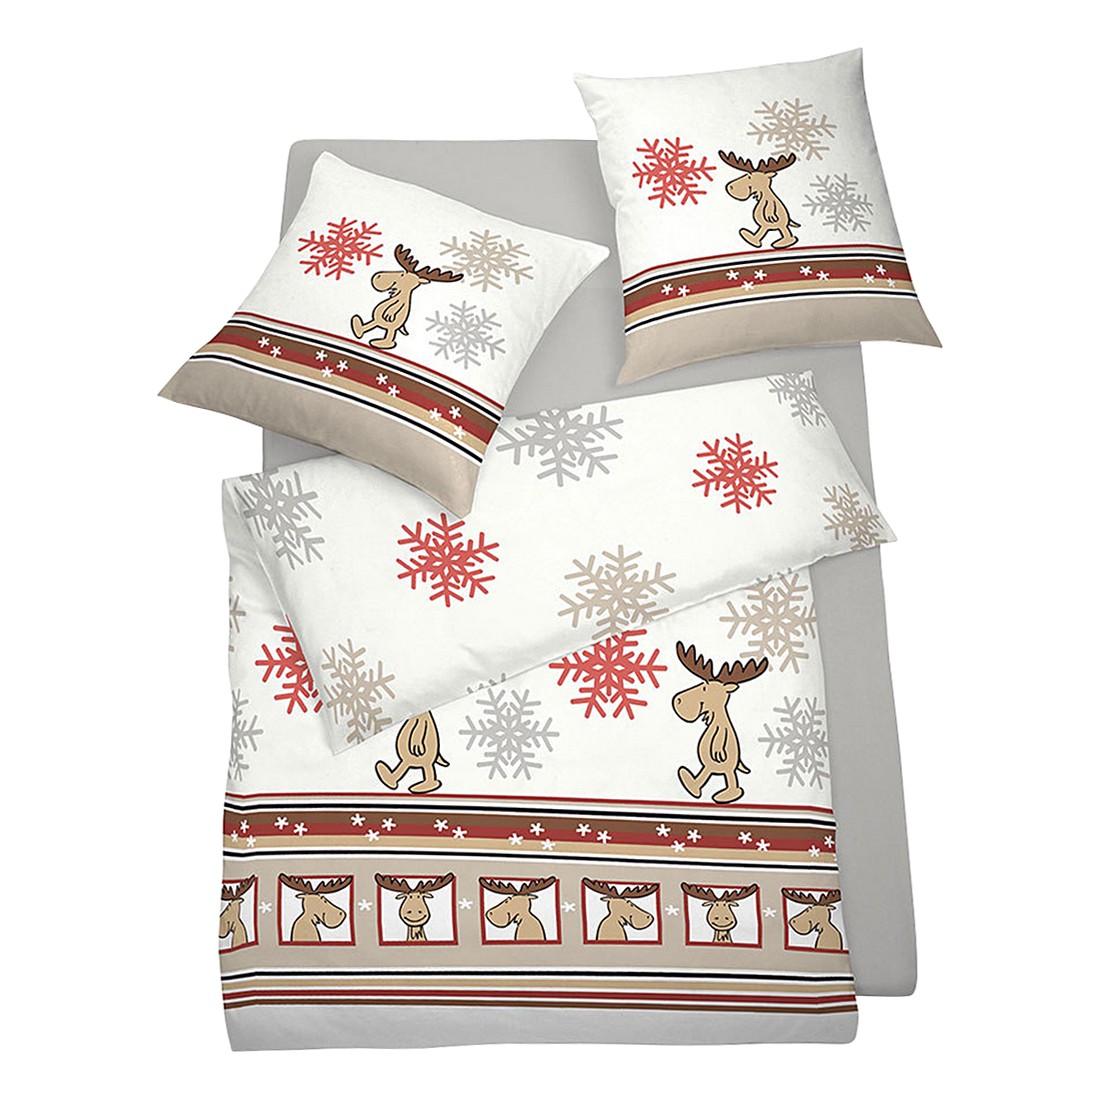 bettw sche elch rot polyester rot 155x220 cm 80x80 cm schlafgut online kaufen. Black Bedroom Furniture Sets. Home Design Ideas